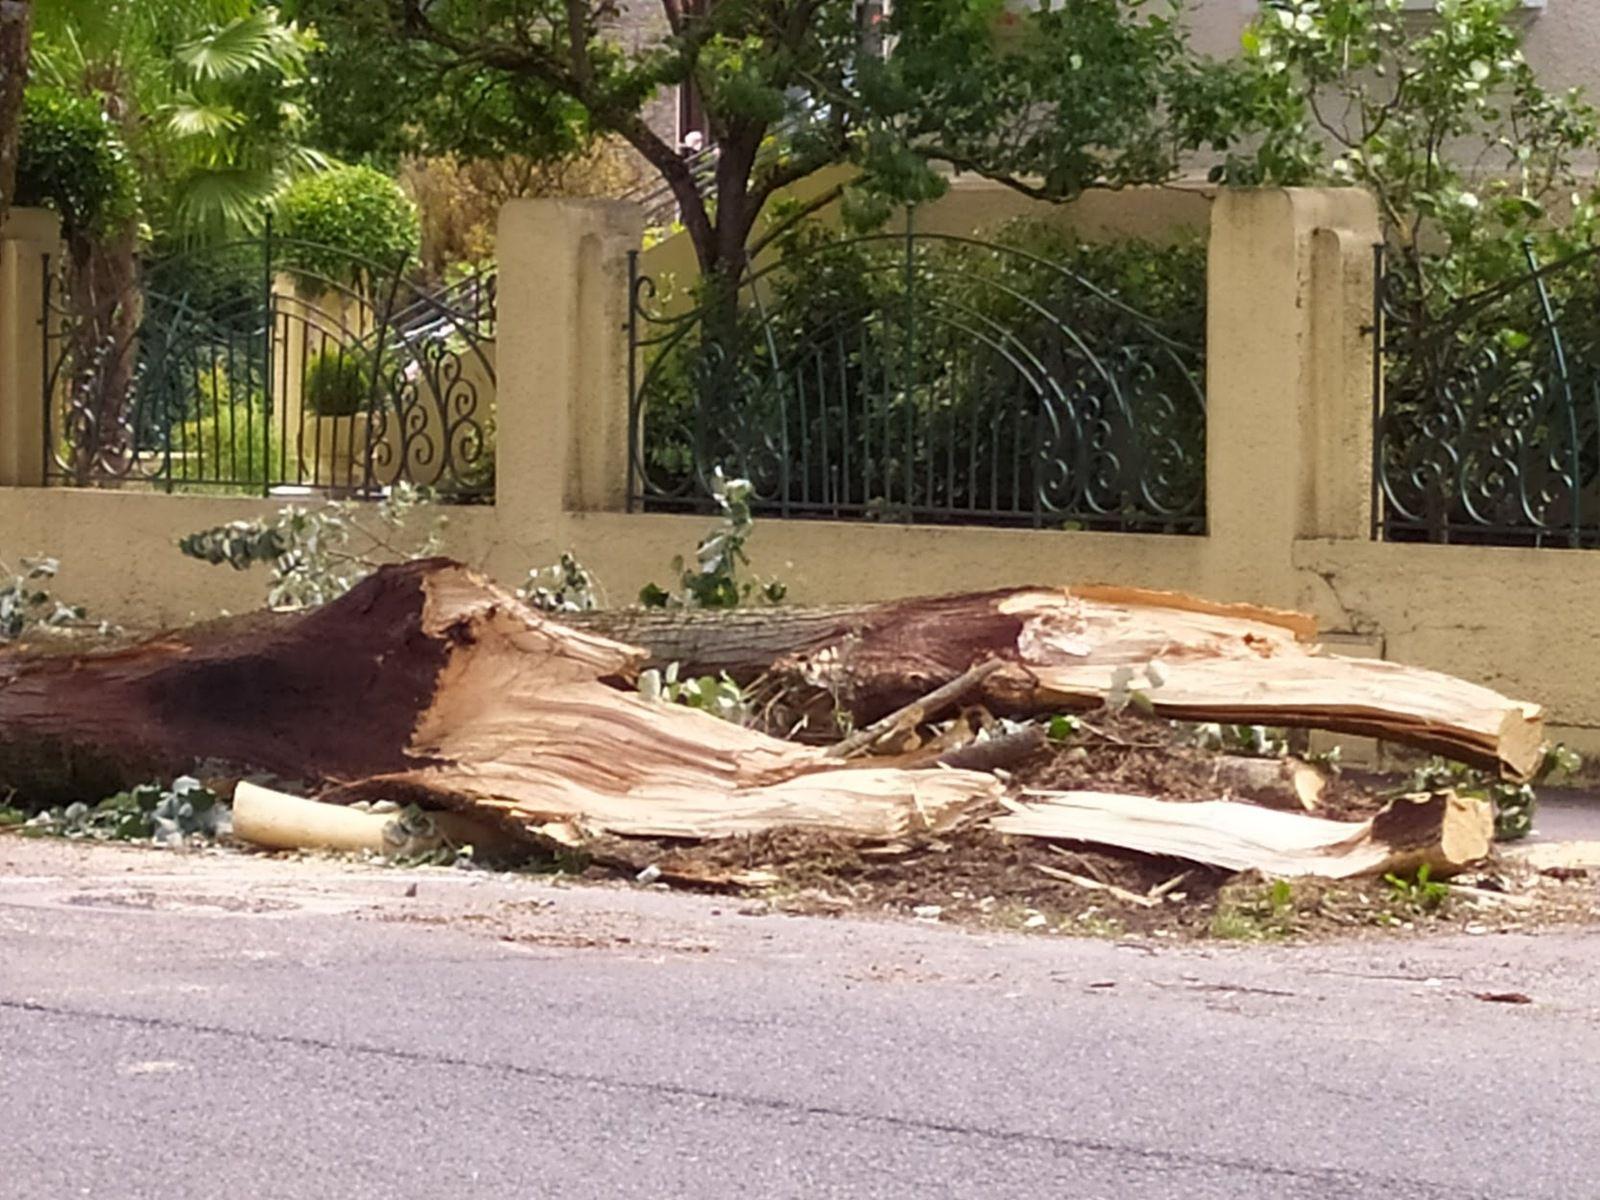 Coup de vent à Luchon : l'impressionnante chute d'un arbre boulevard de Gaulle